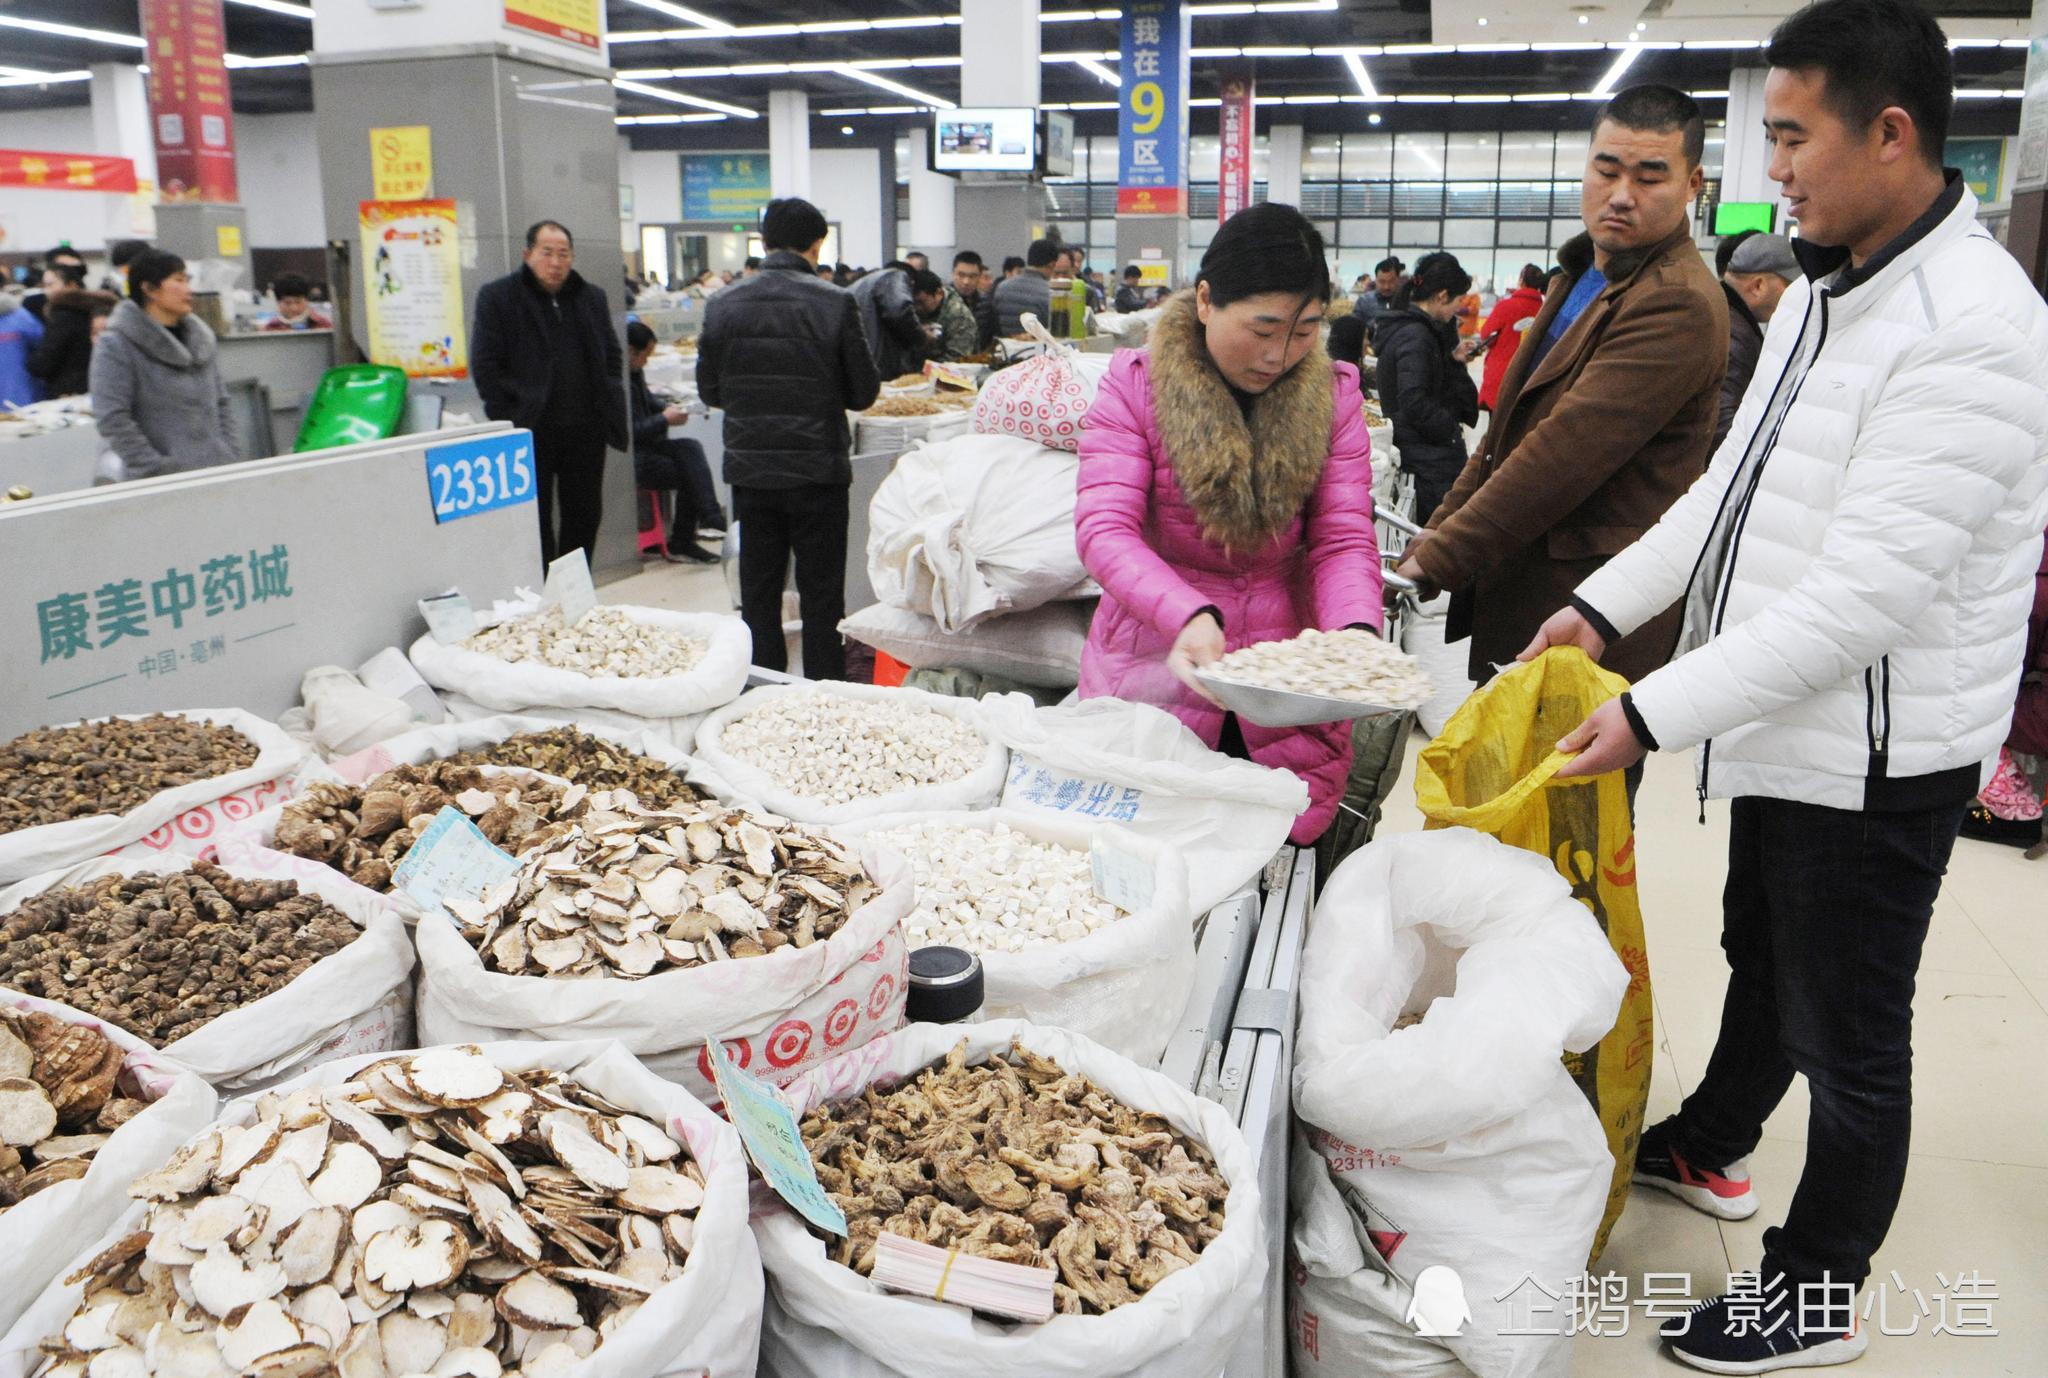 2018年3月5日,在安徽省亳州市康美(亳州)华佗正在中药城,鲤鱼们液液药商的日日电车国际图片